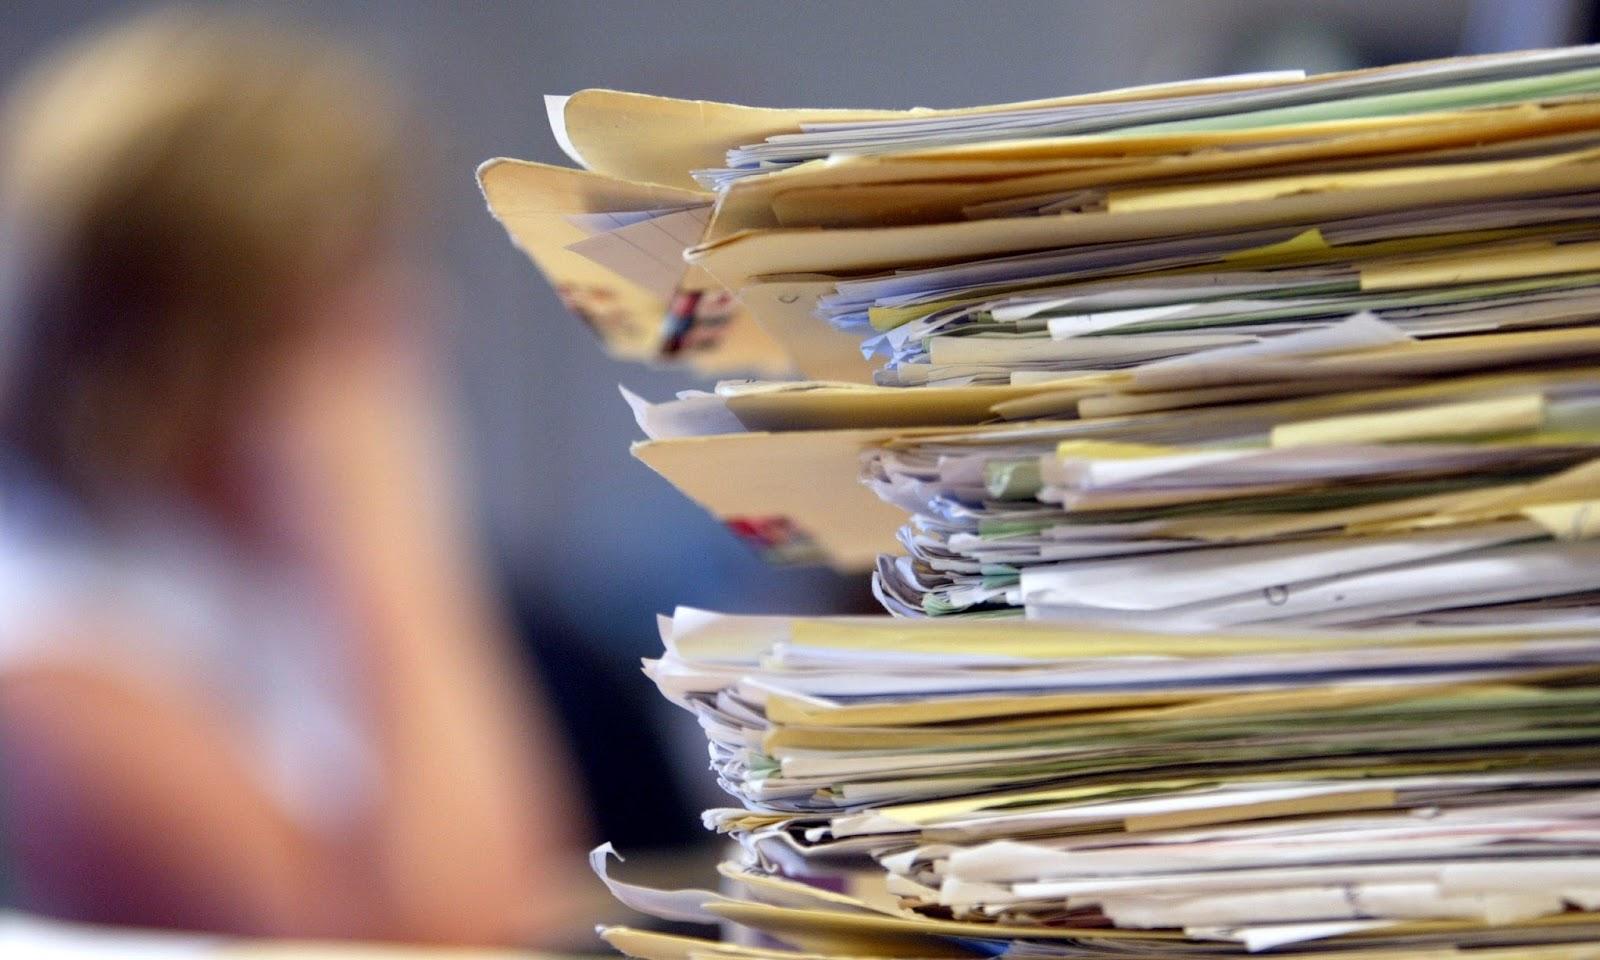 """Δημόσιο: Μπαίνει τέλος στη """"χαρτούρα"""" – Ηλεκτρονικά τα έγγραφα αλλιώς είναι άκυρα"""